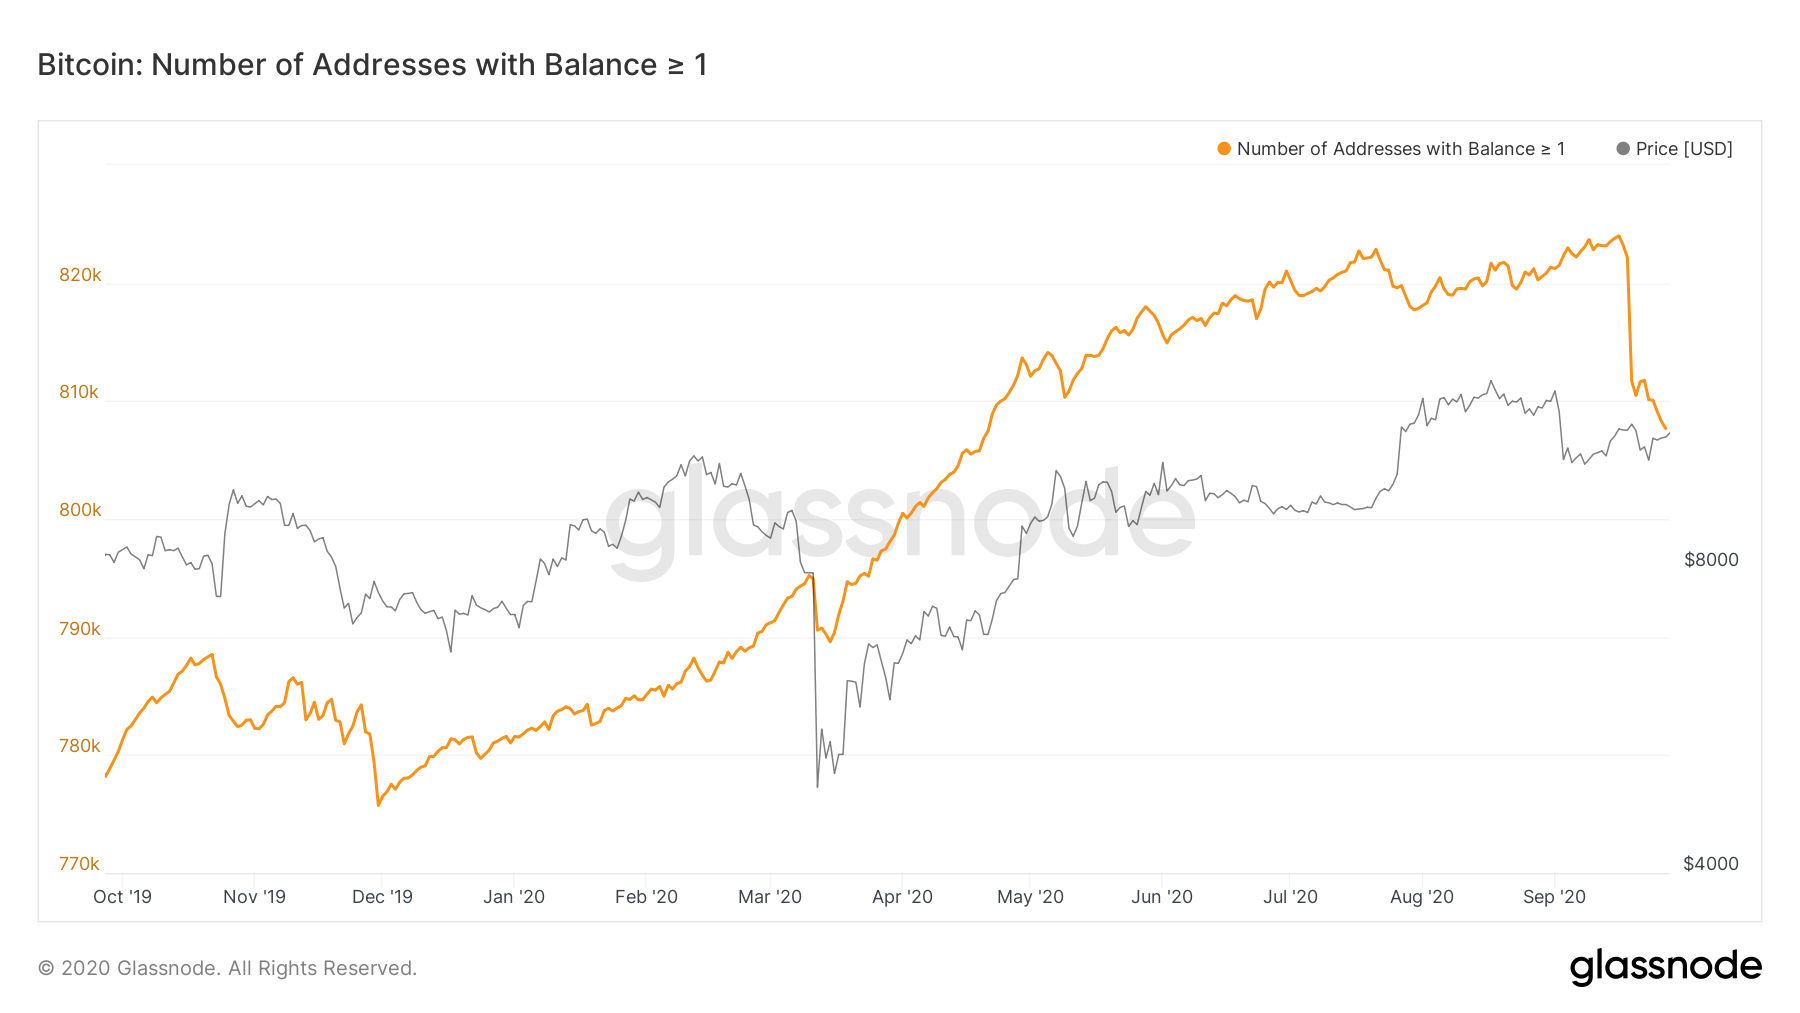 Glassnode: ончейн-метрики говорят о растущем числе долгосрочных держателей биткоина